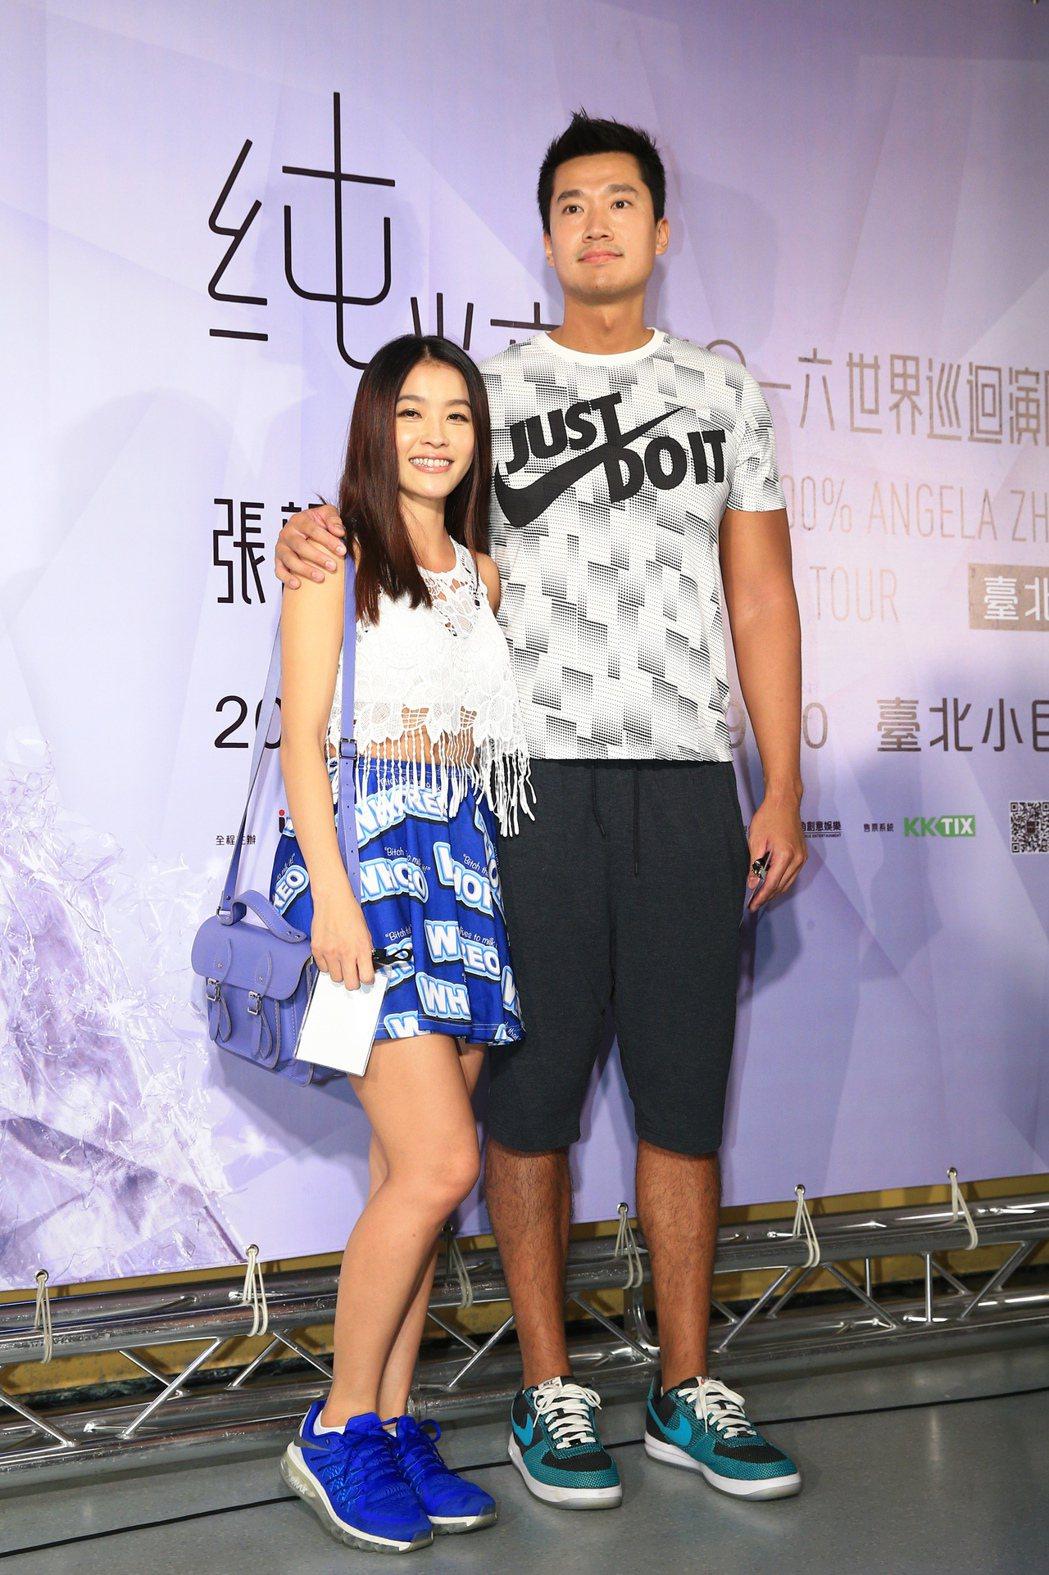 張韶涵晚上在台北小巨蛋舉行演唱會,何守正與小嫻出席。記者林伯東/攝影